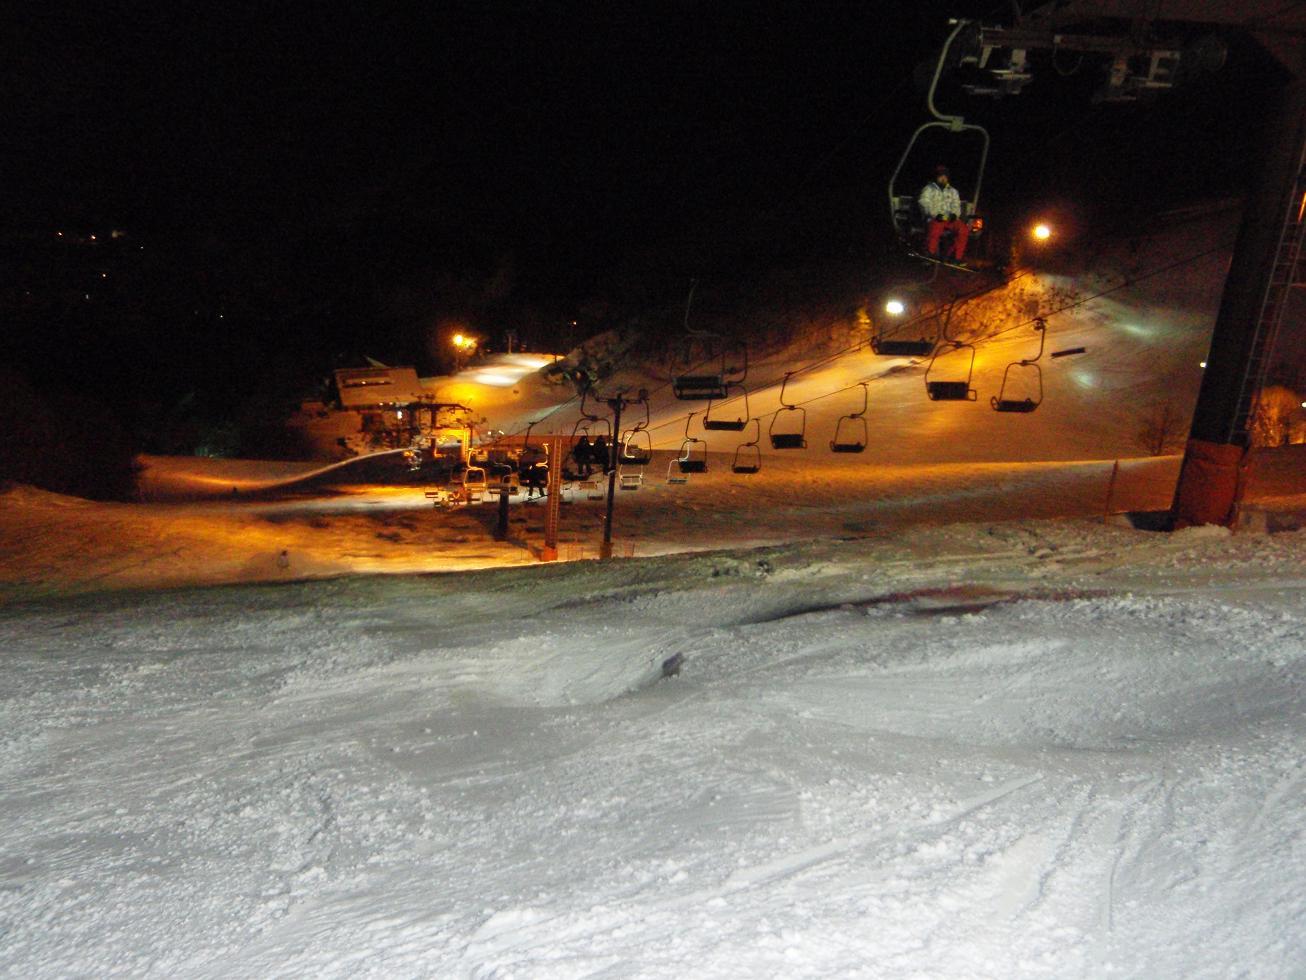 スノー パーク 利根 奥 早朝から滑りを楽しめる!奥利根スノーパーク